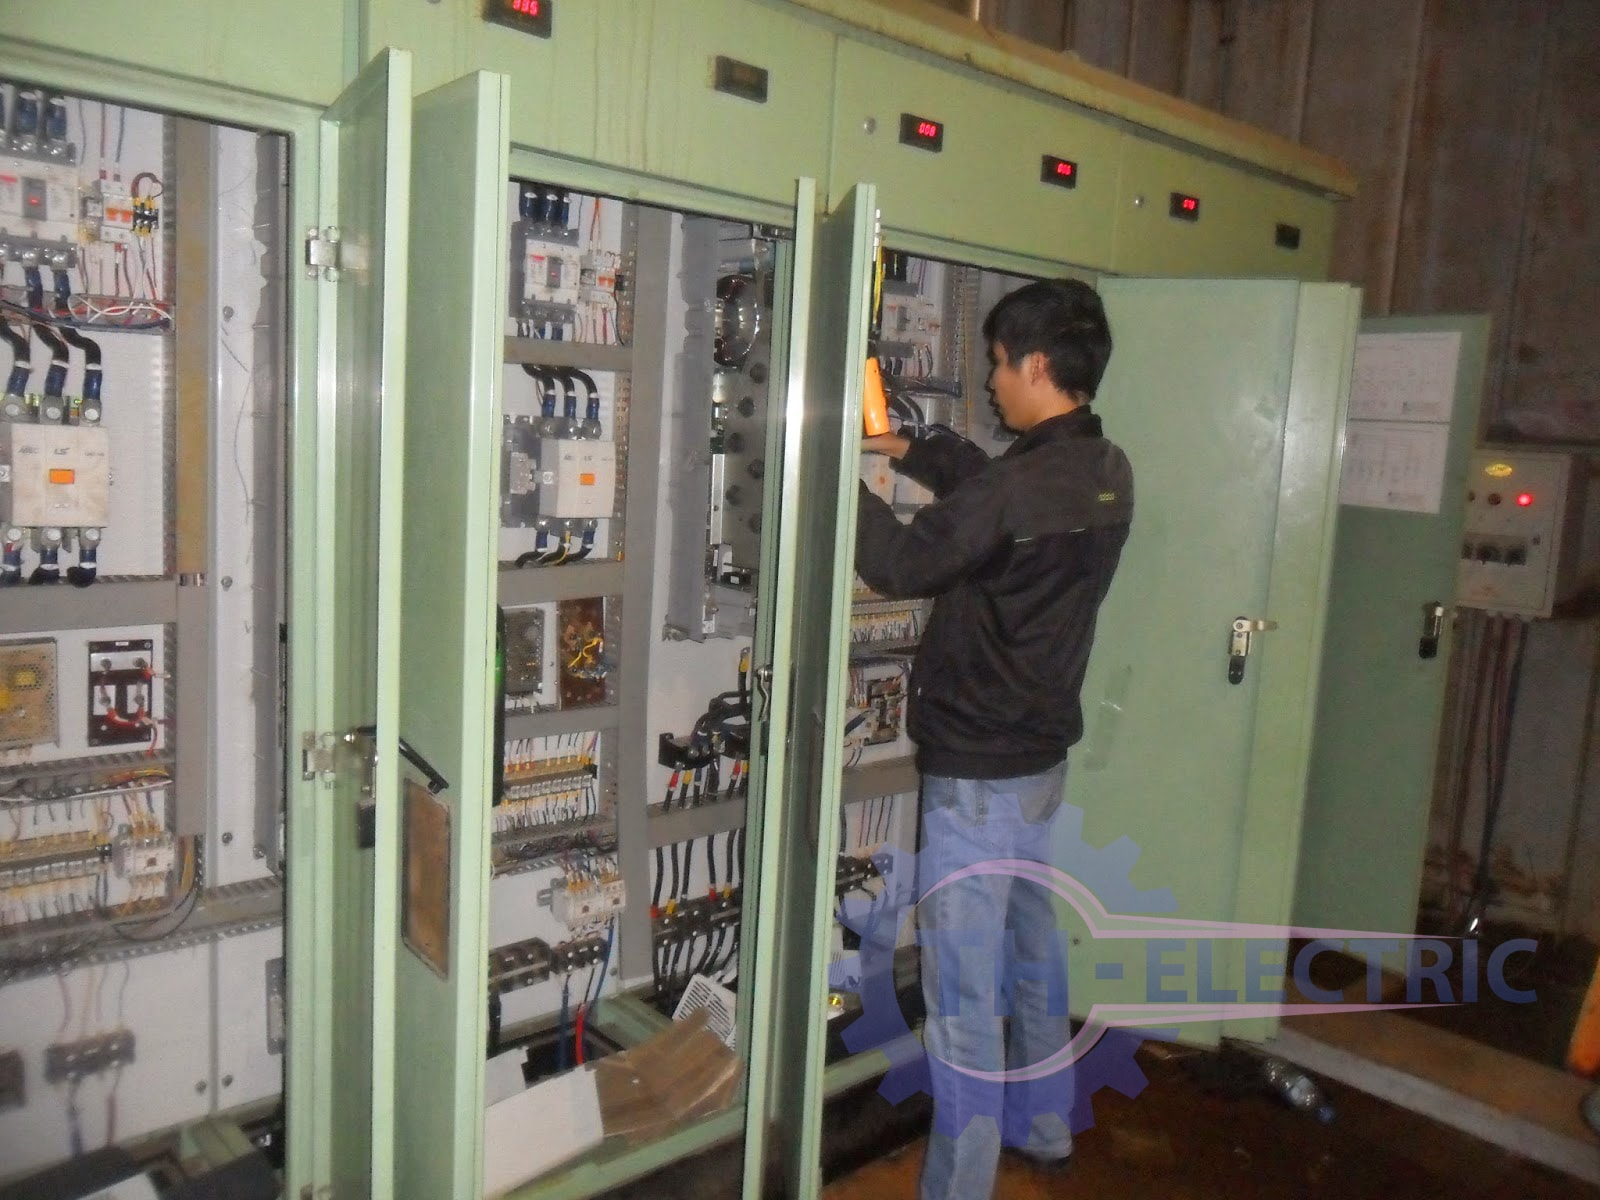 Vai trò của sửa chữa điện công nghiệp. Sửa chữa điện công nghiệp ở đâu uy tín nhất?